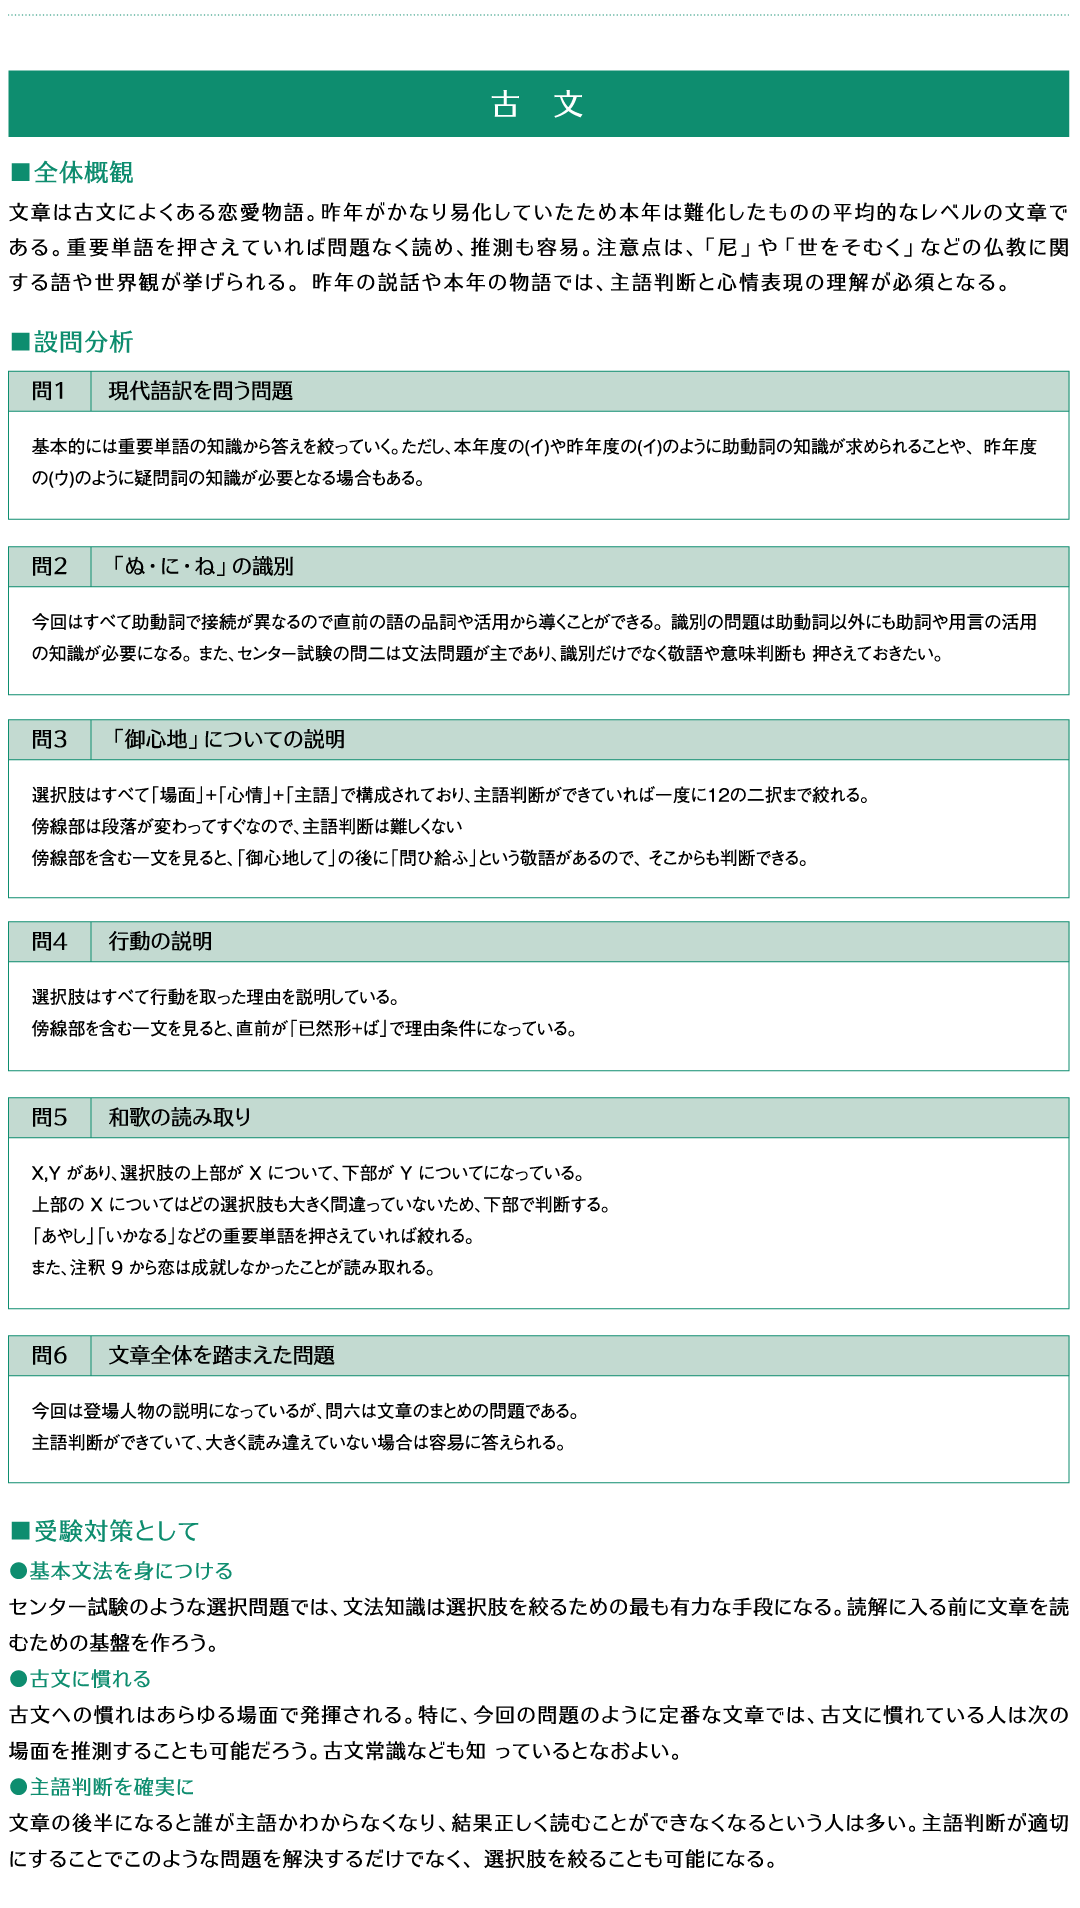 大学入試センター試験古文